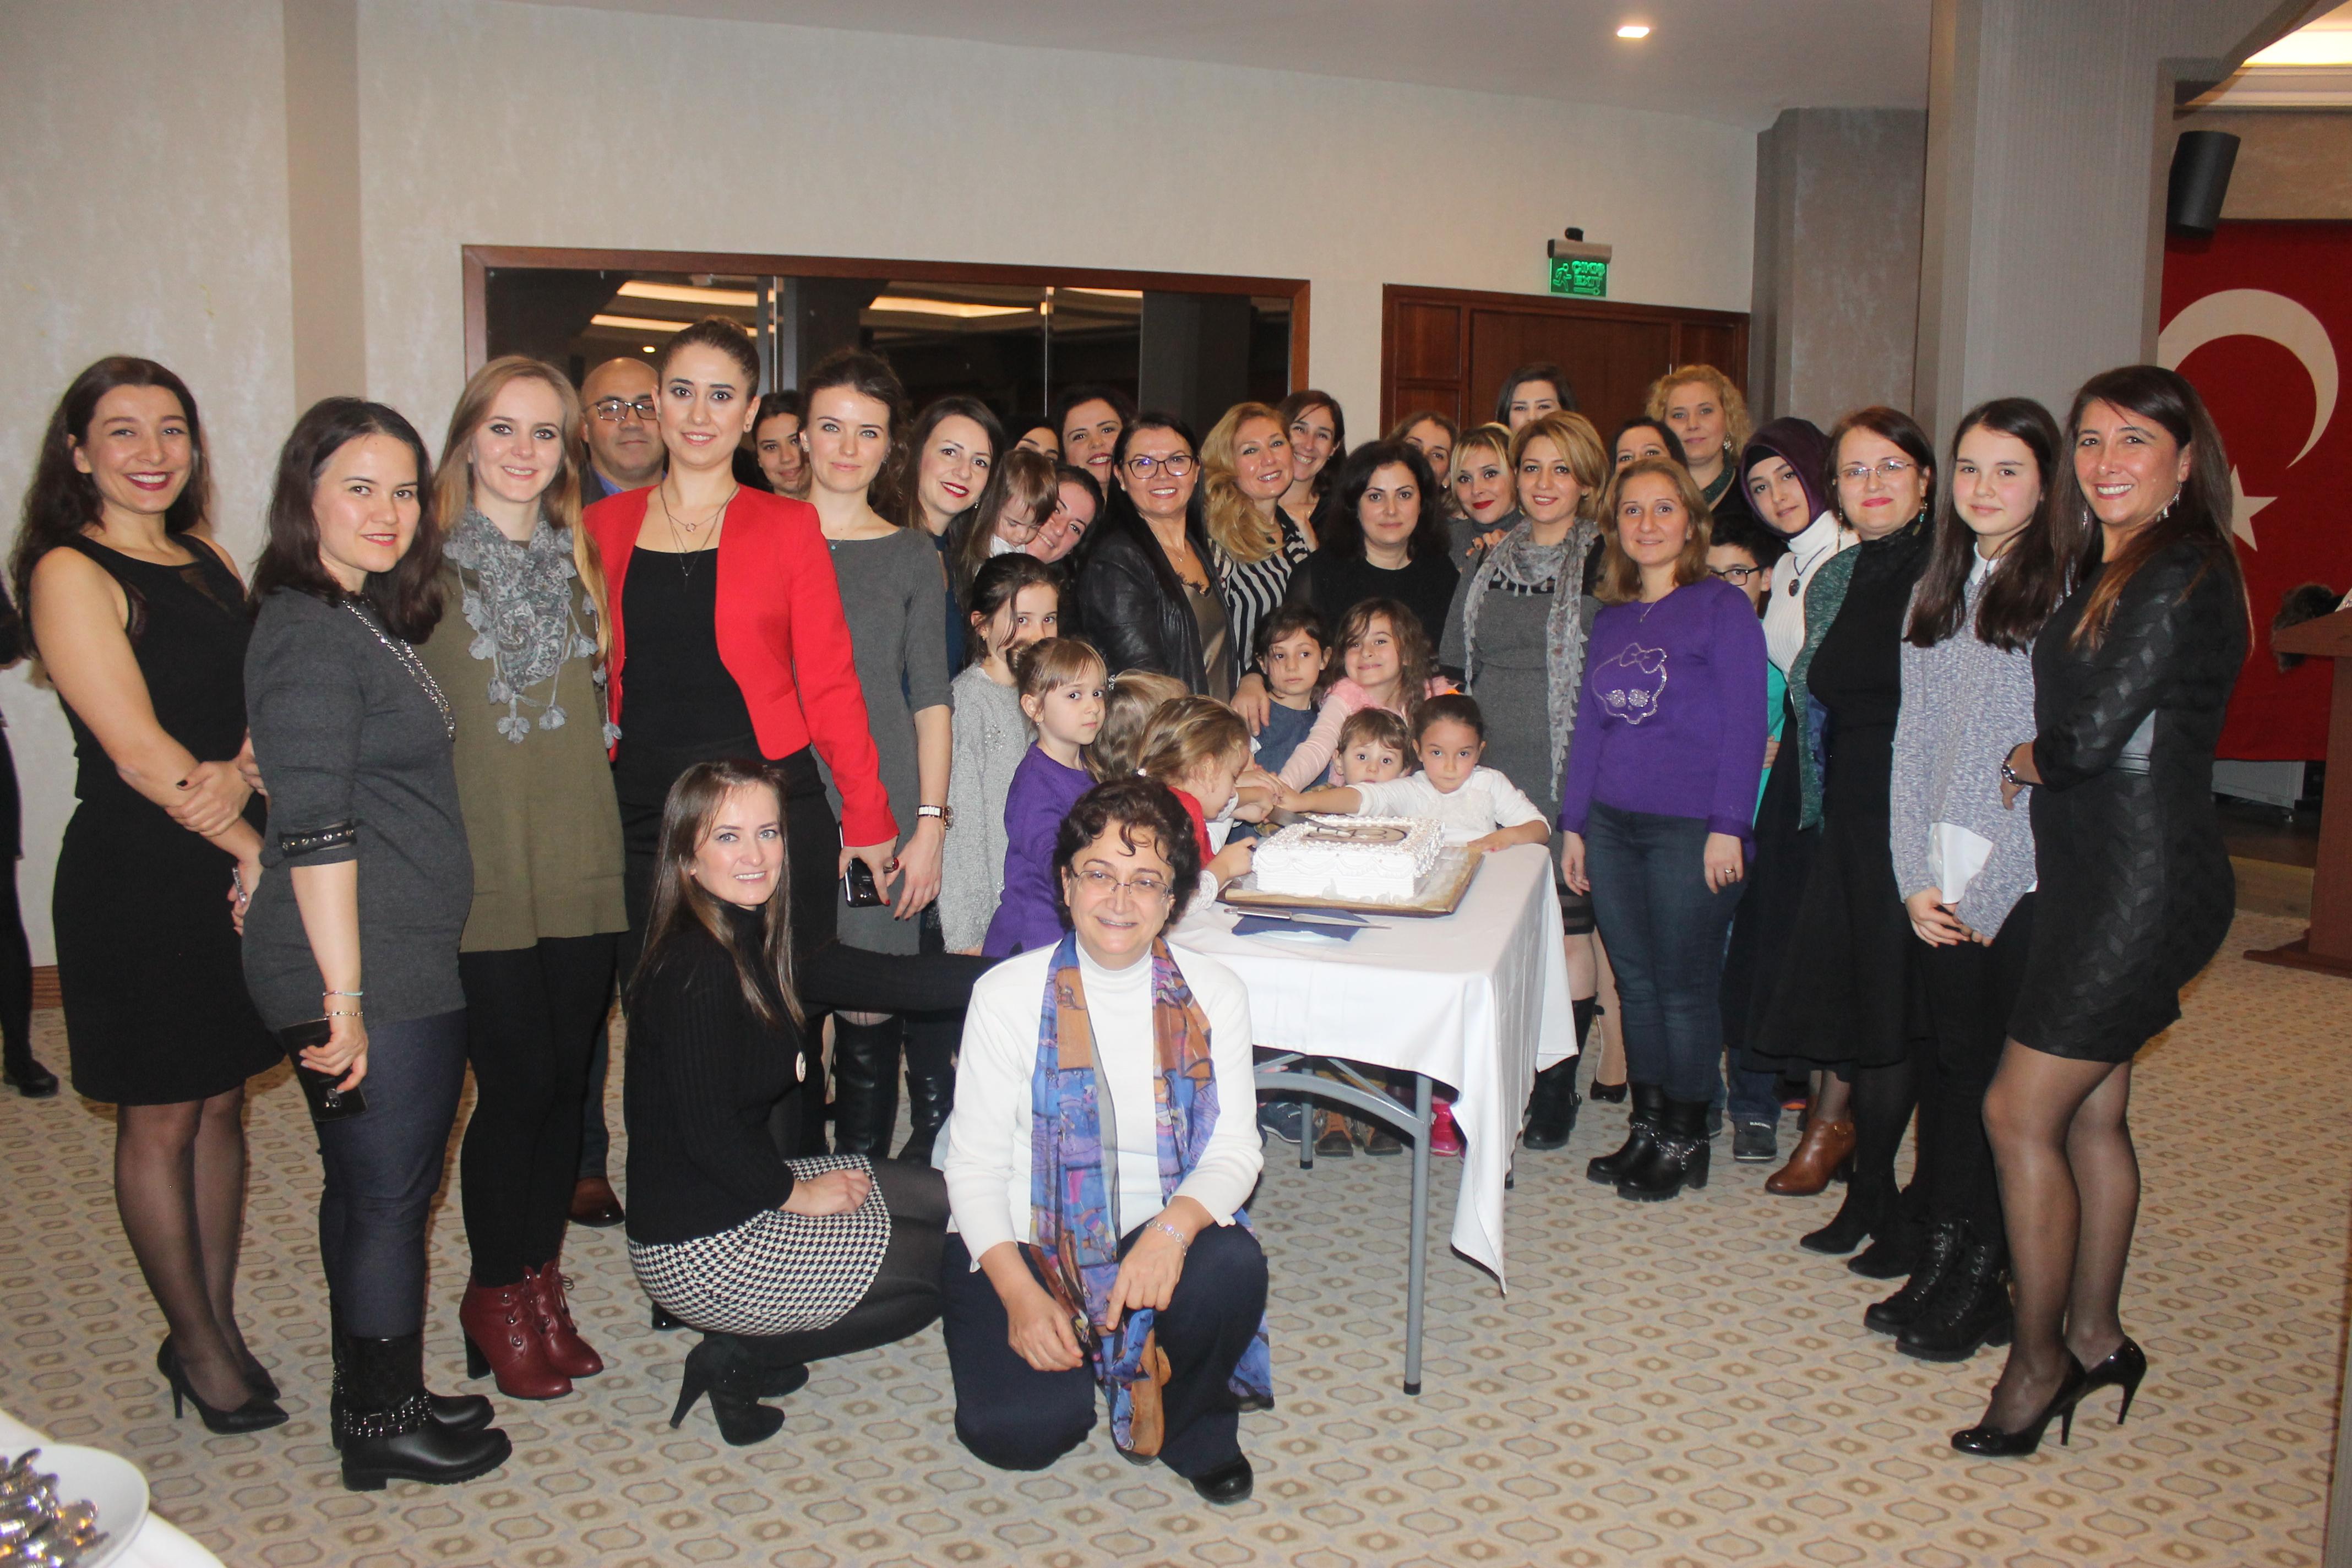 Geleneksel Yılbaşı Etkinliğimizi Bayramoğlu CUCİ Otel'de gerçekleştirdik.